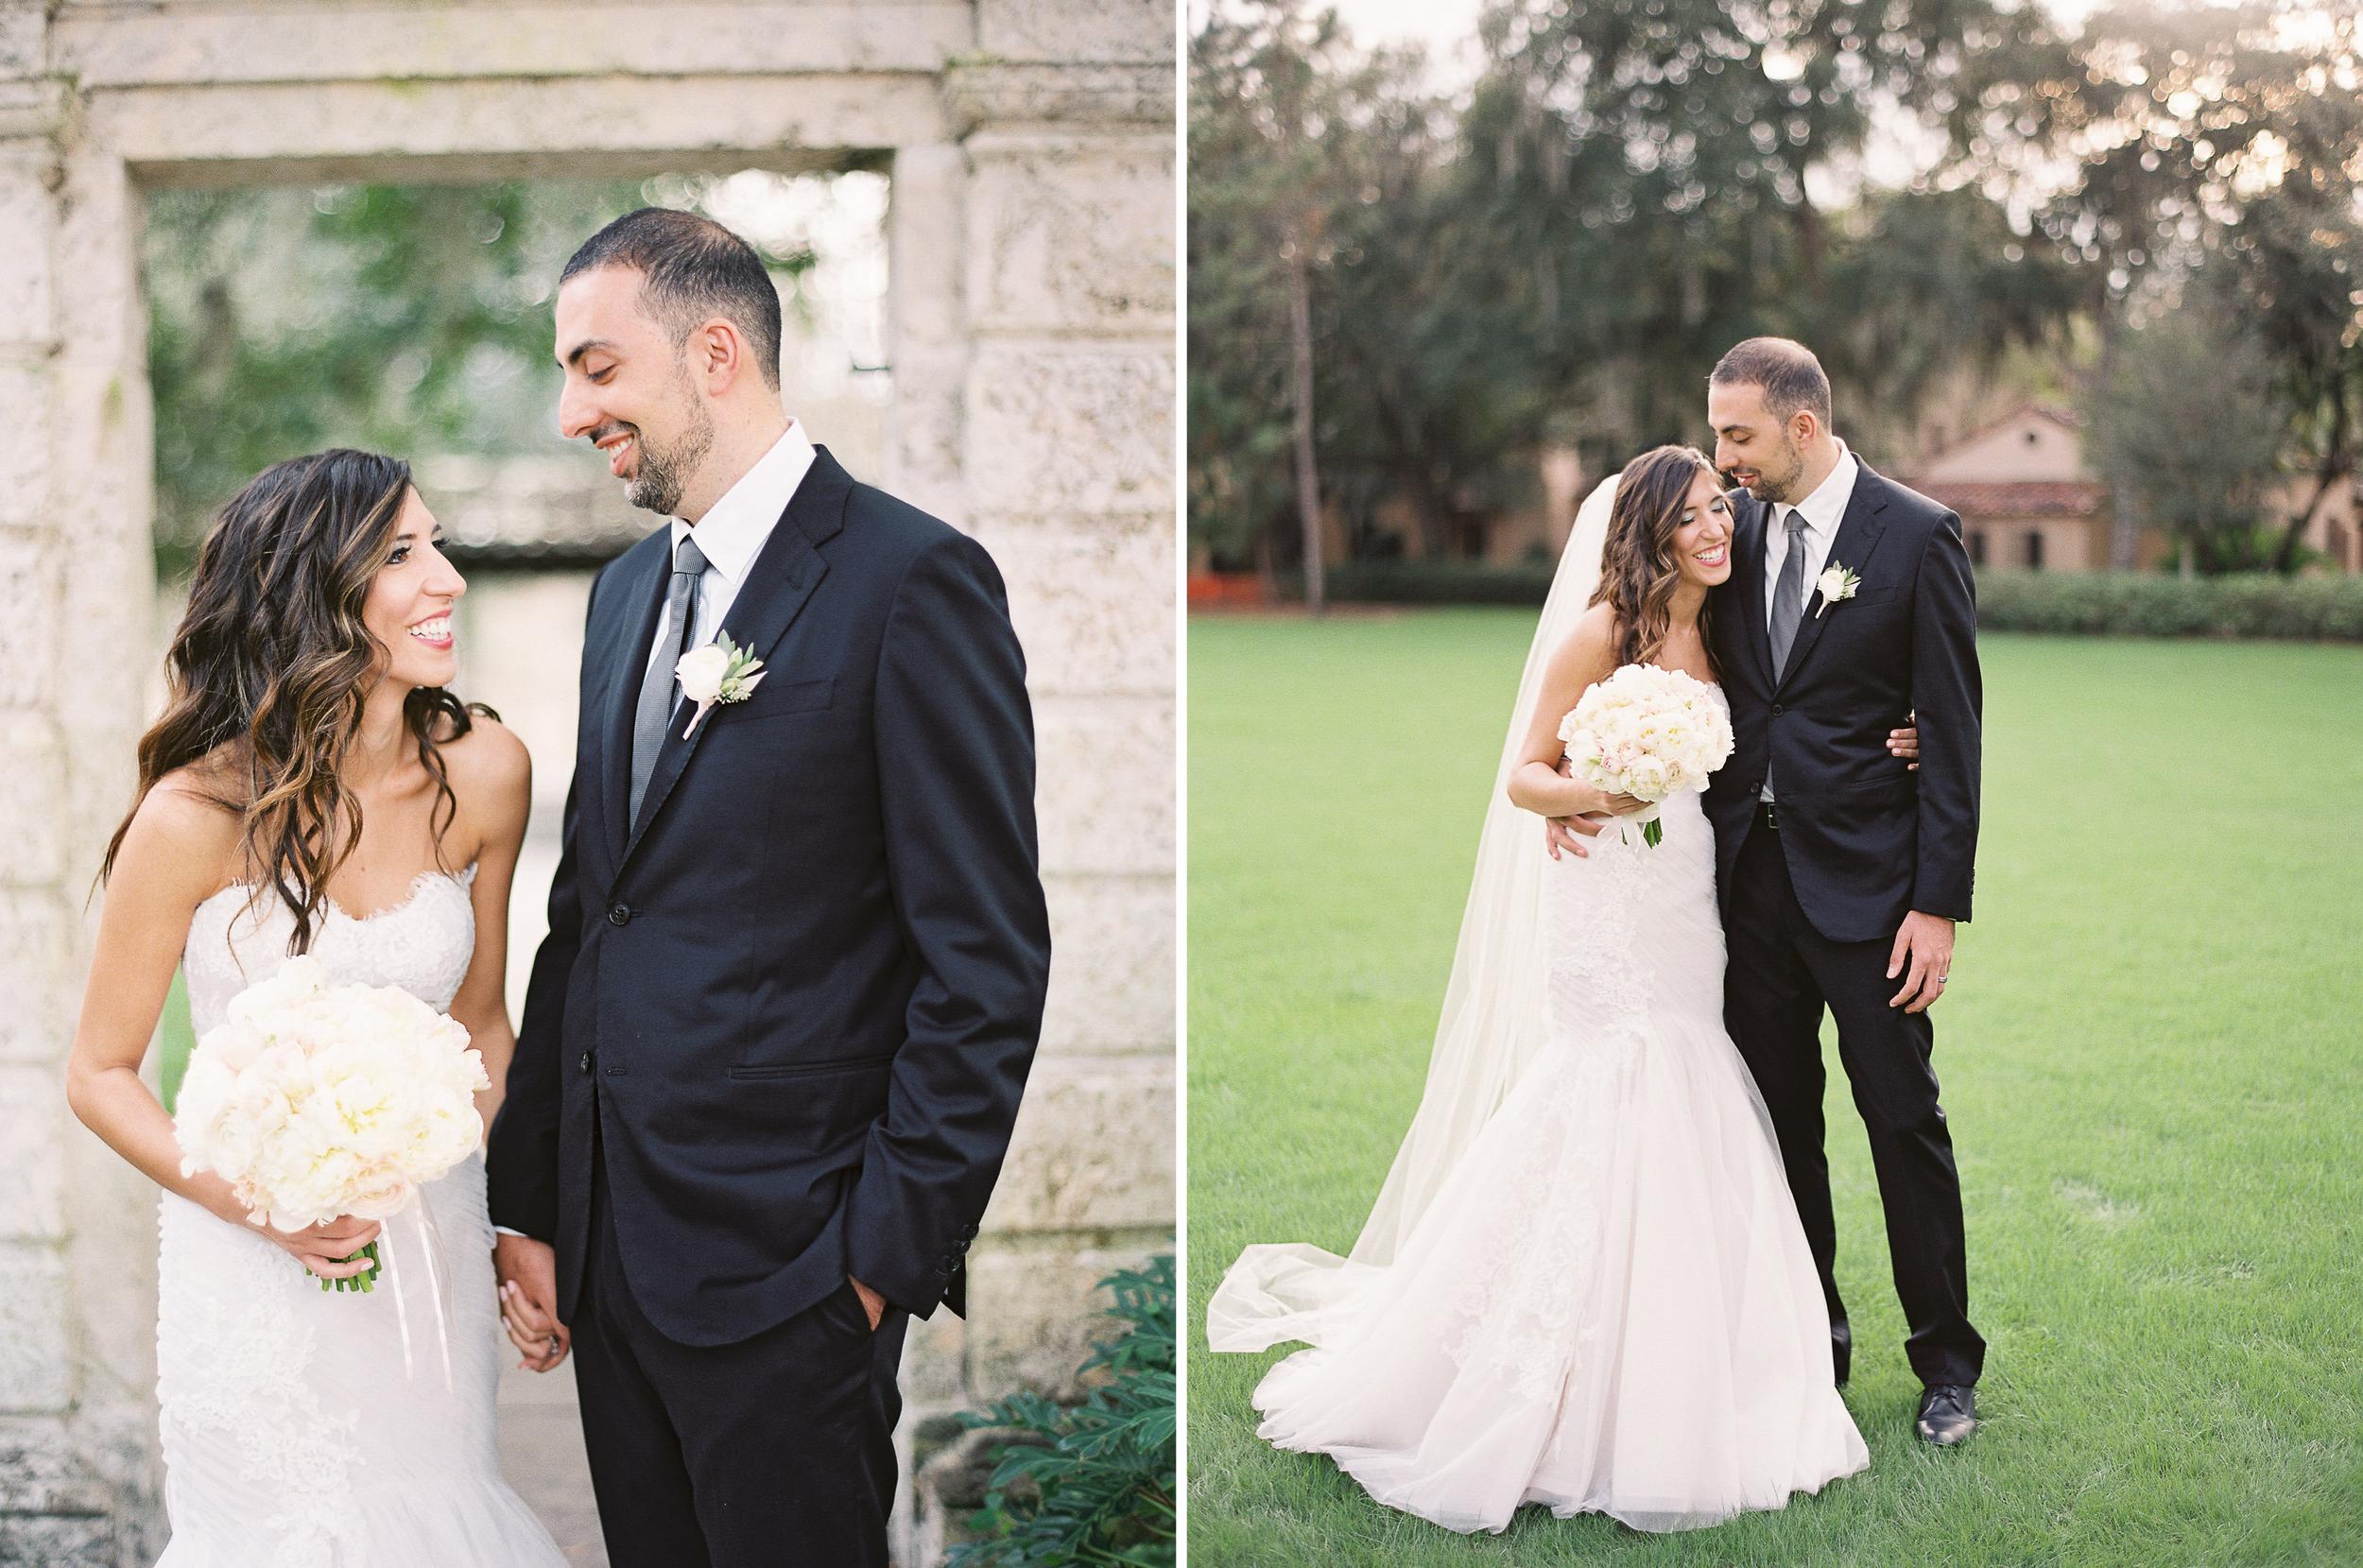 Orlando, Florida Outdoor Wedding Cute Bride and Groom Photos